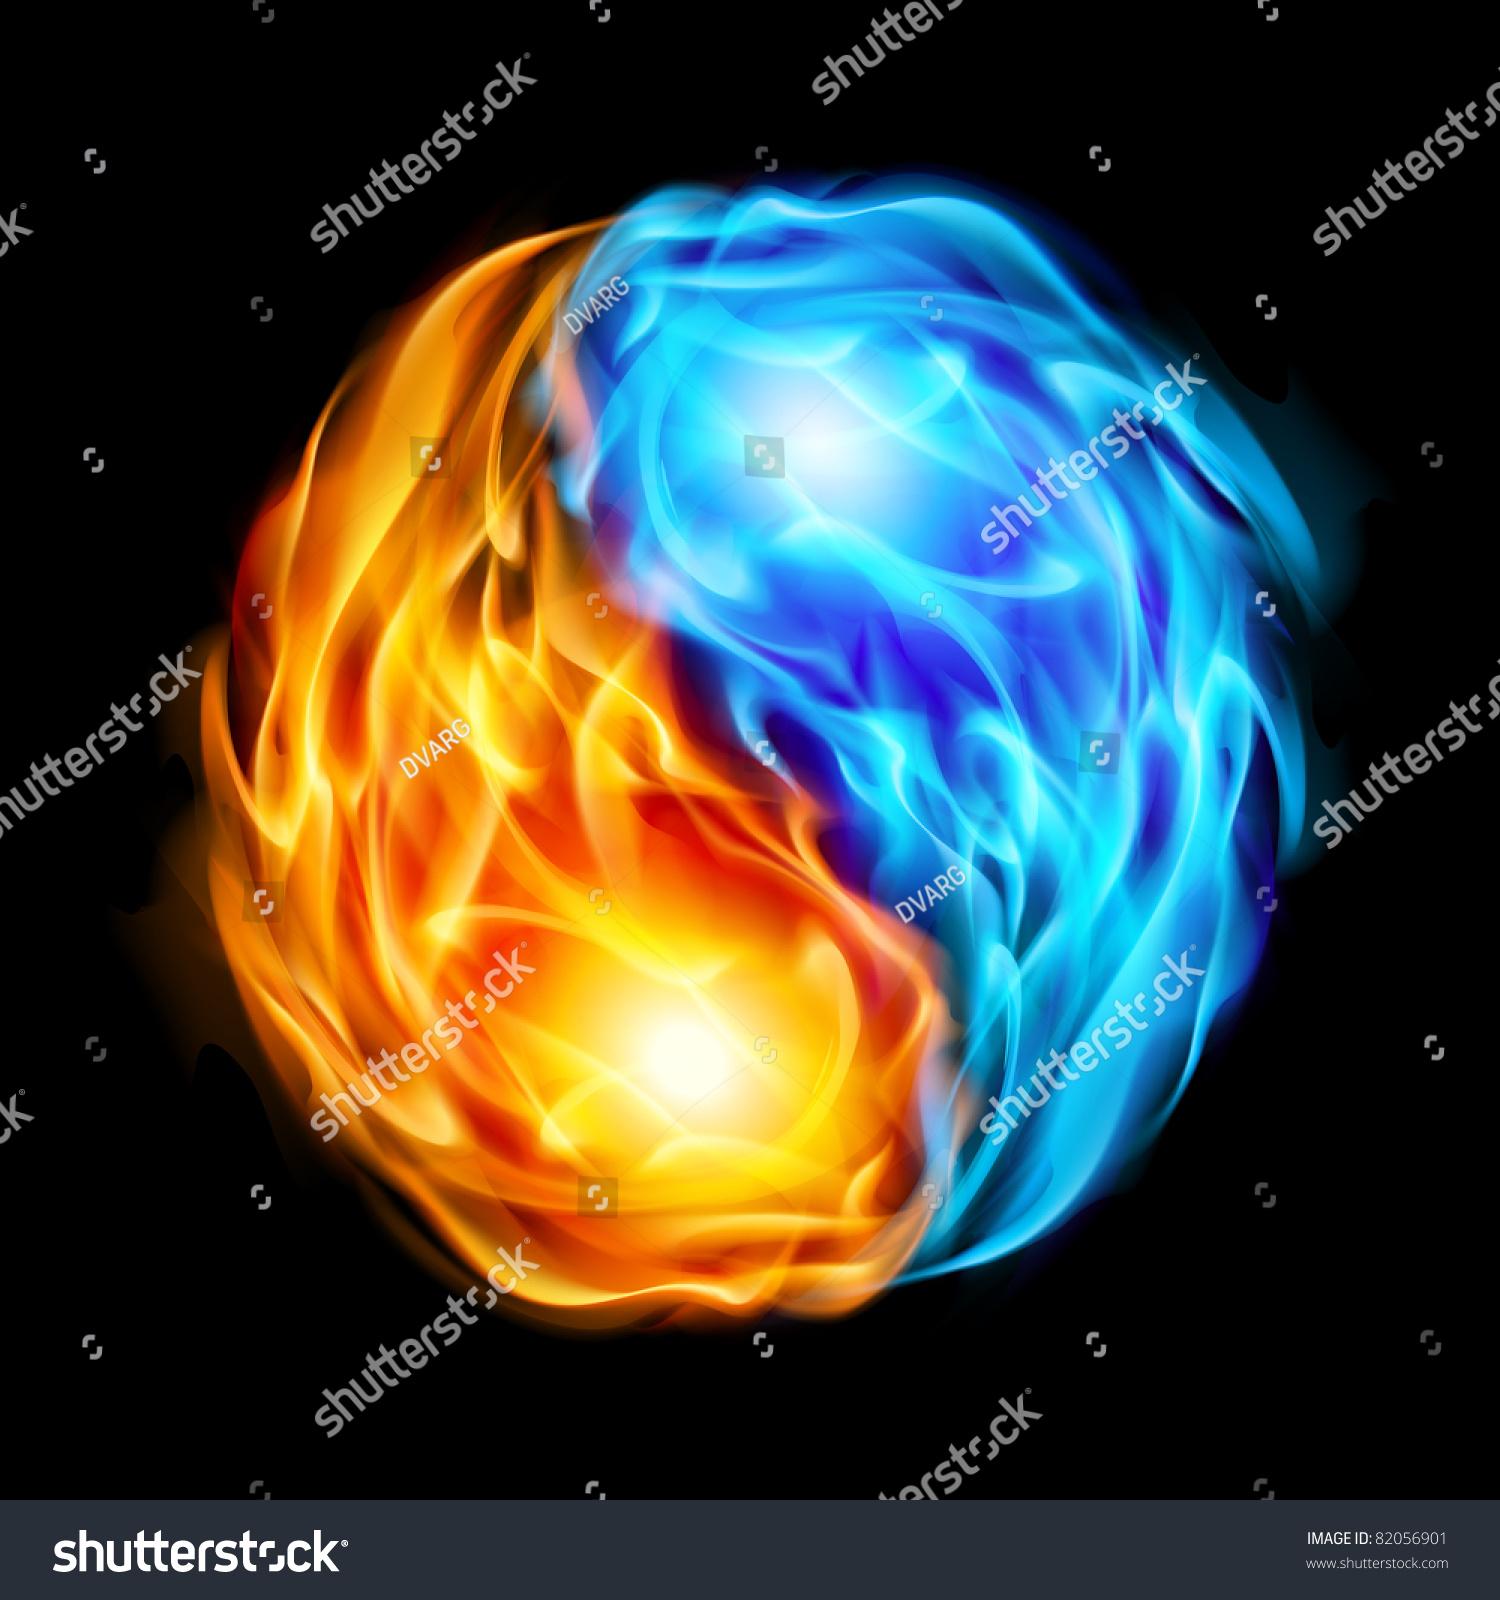 Earth, Wind & Fire - Moon One